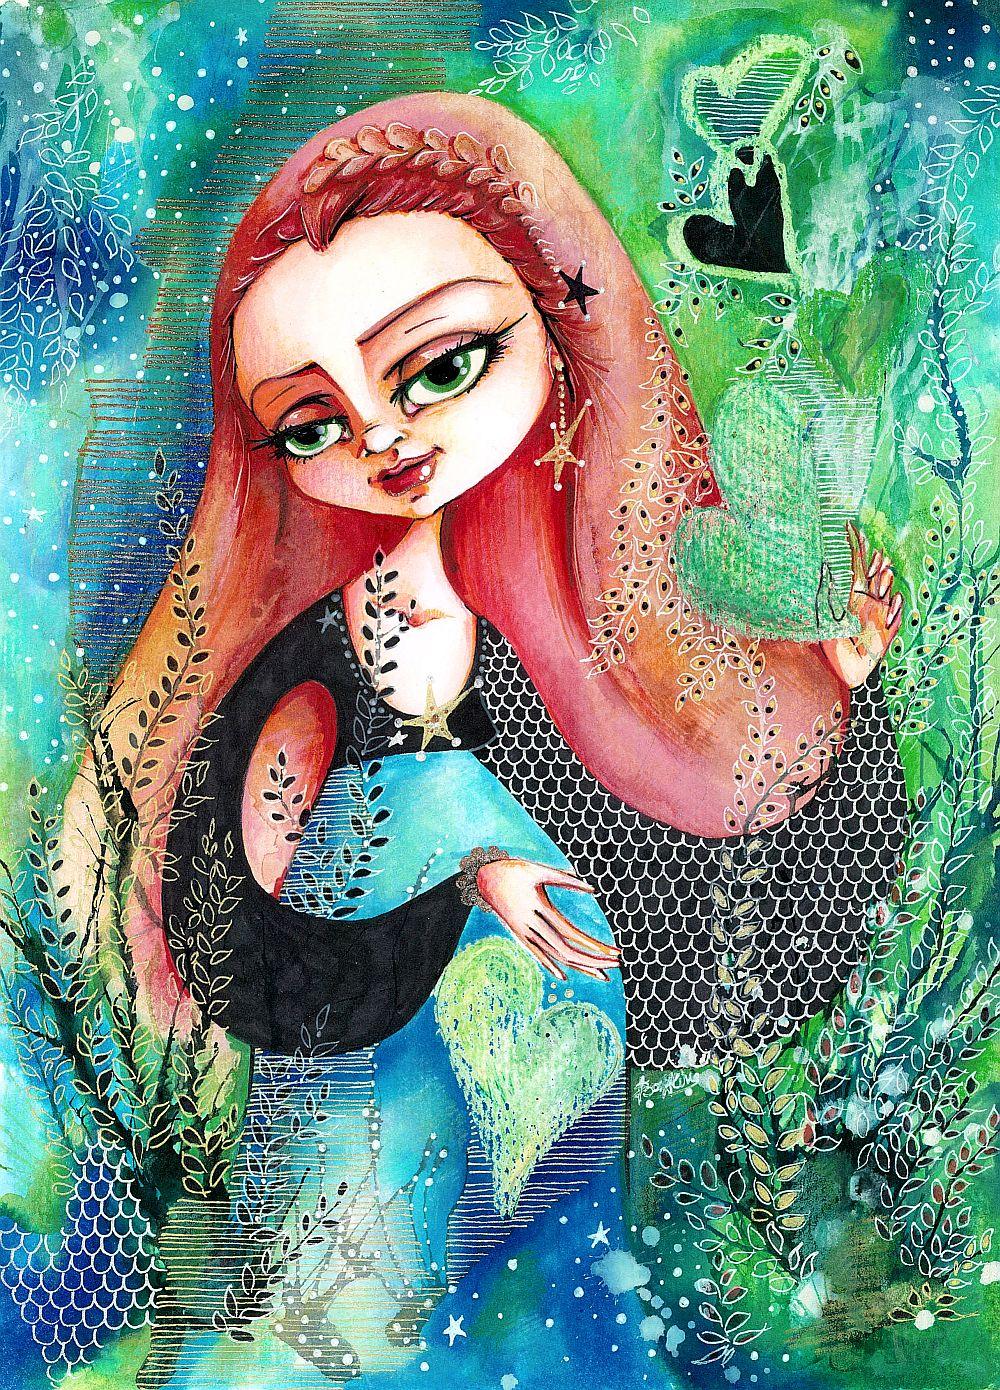 adelaparvu.com despre O povEstetica, expozitie la Pallets, artist Alina Borcea, lucrare  Lil' Heart